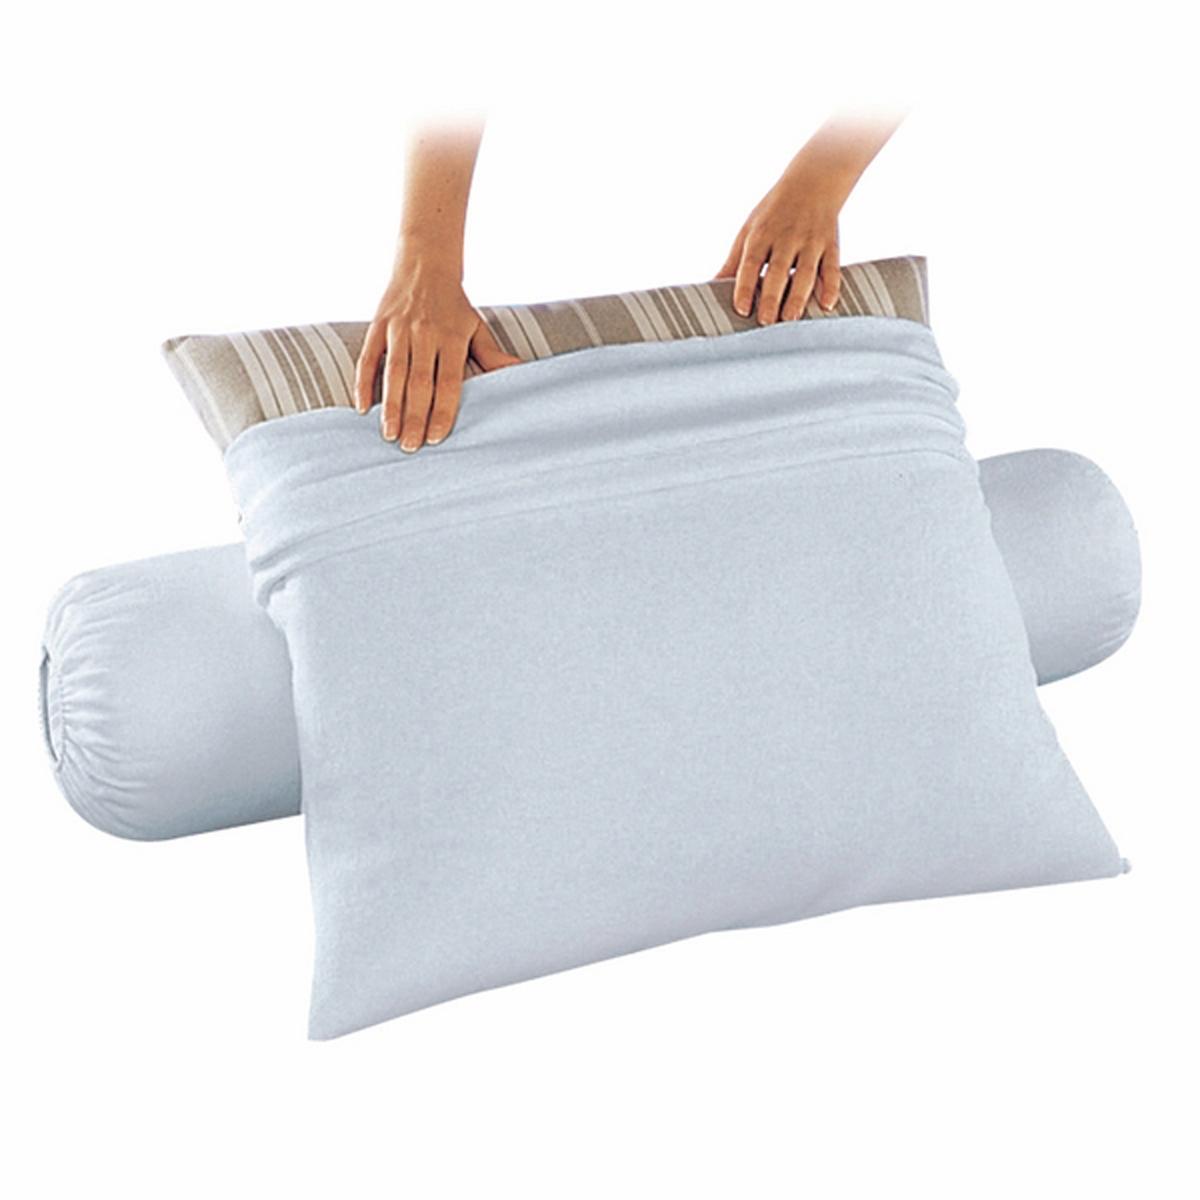 Чехол защитный для подушки, из стретч-мольтона, водонепроницаемый чехол защитный для подушки из стретч мольтона